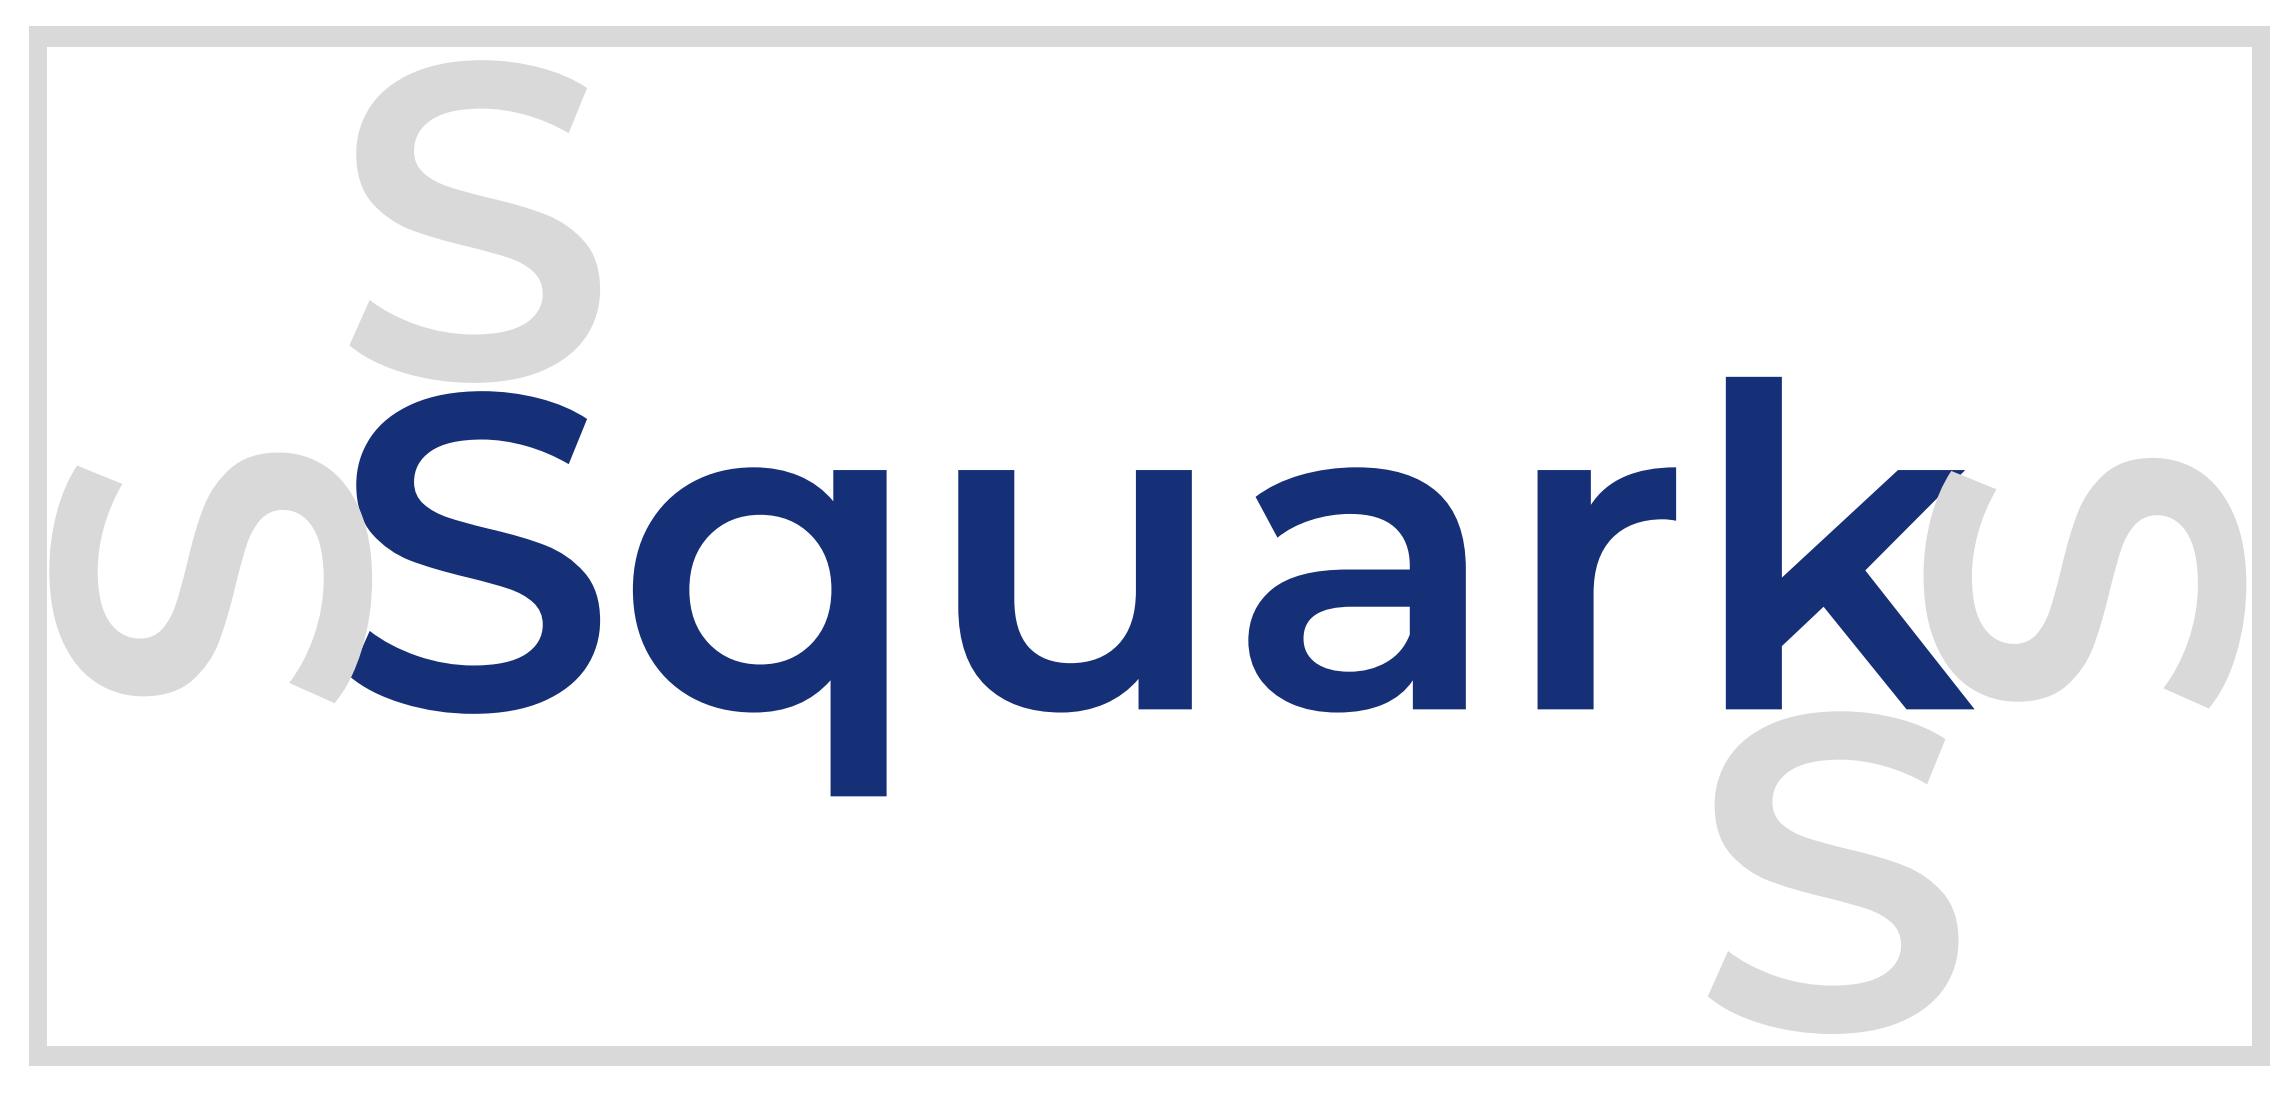 Exemple d'espacement obligatoire du logo Squark